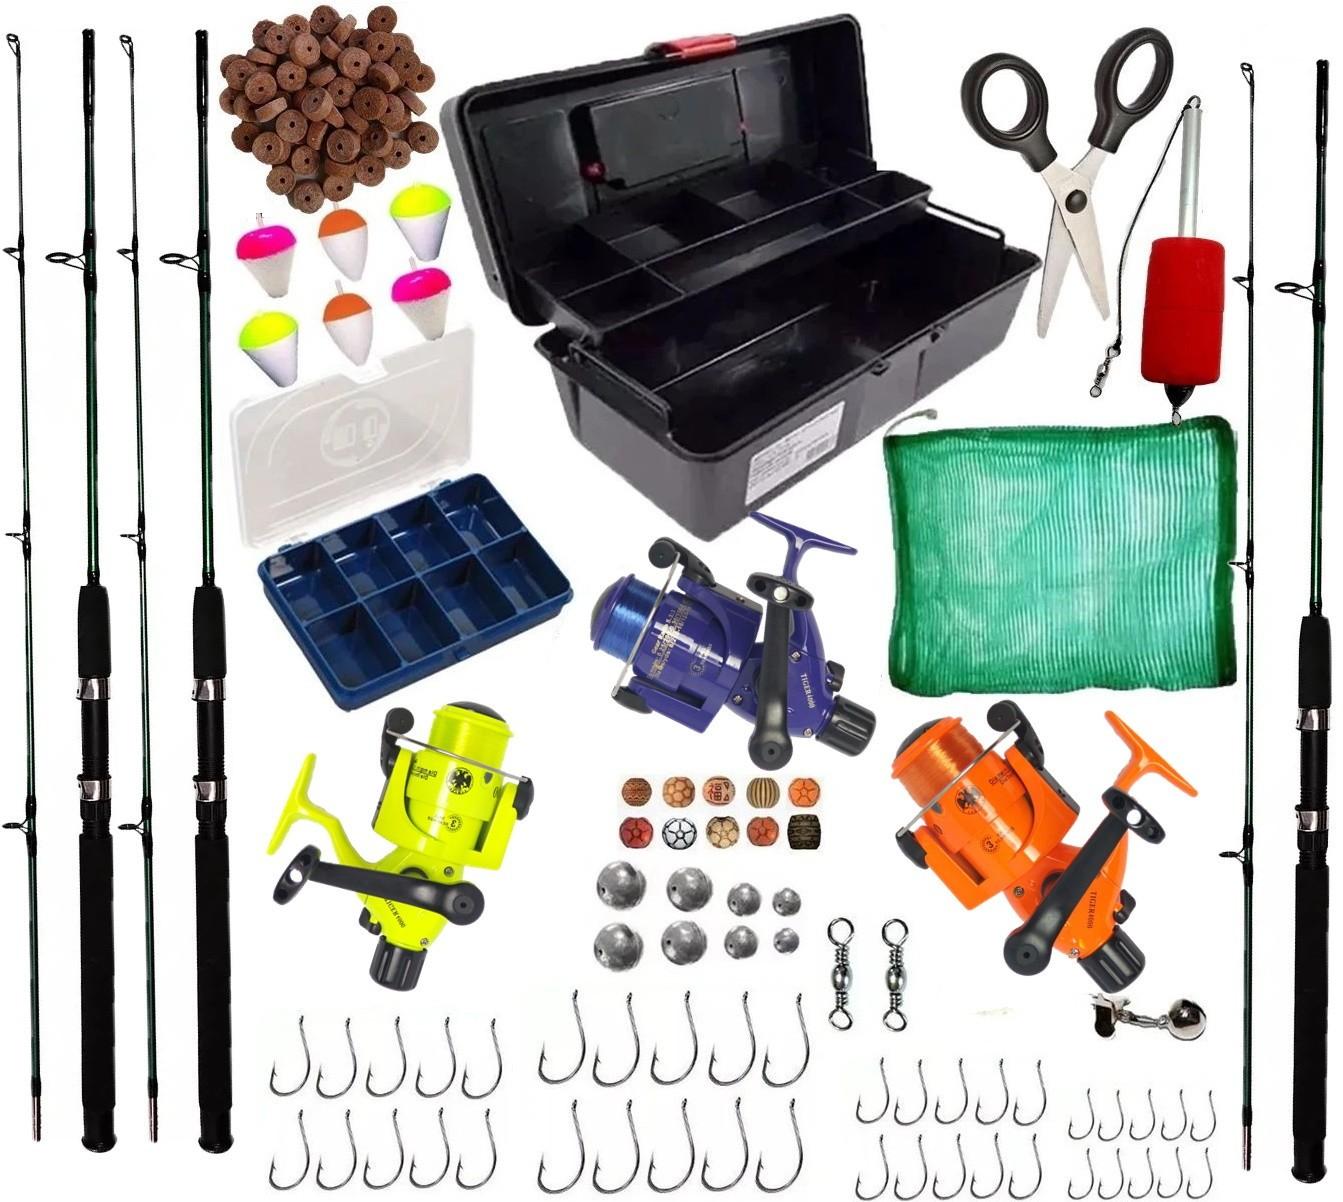 Kit Pesca Completo 3 Vara 1,70 3 Molinetes 3 Rol Caixa e Itens